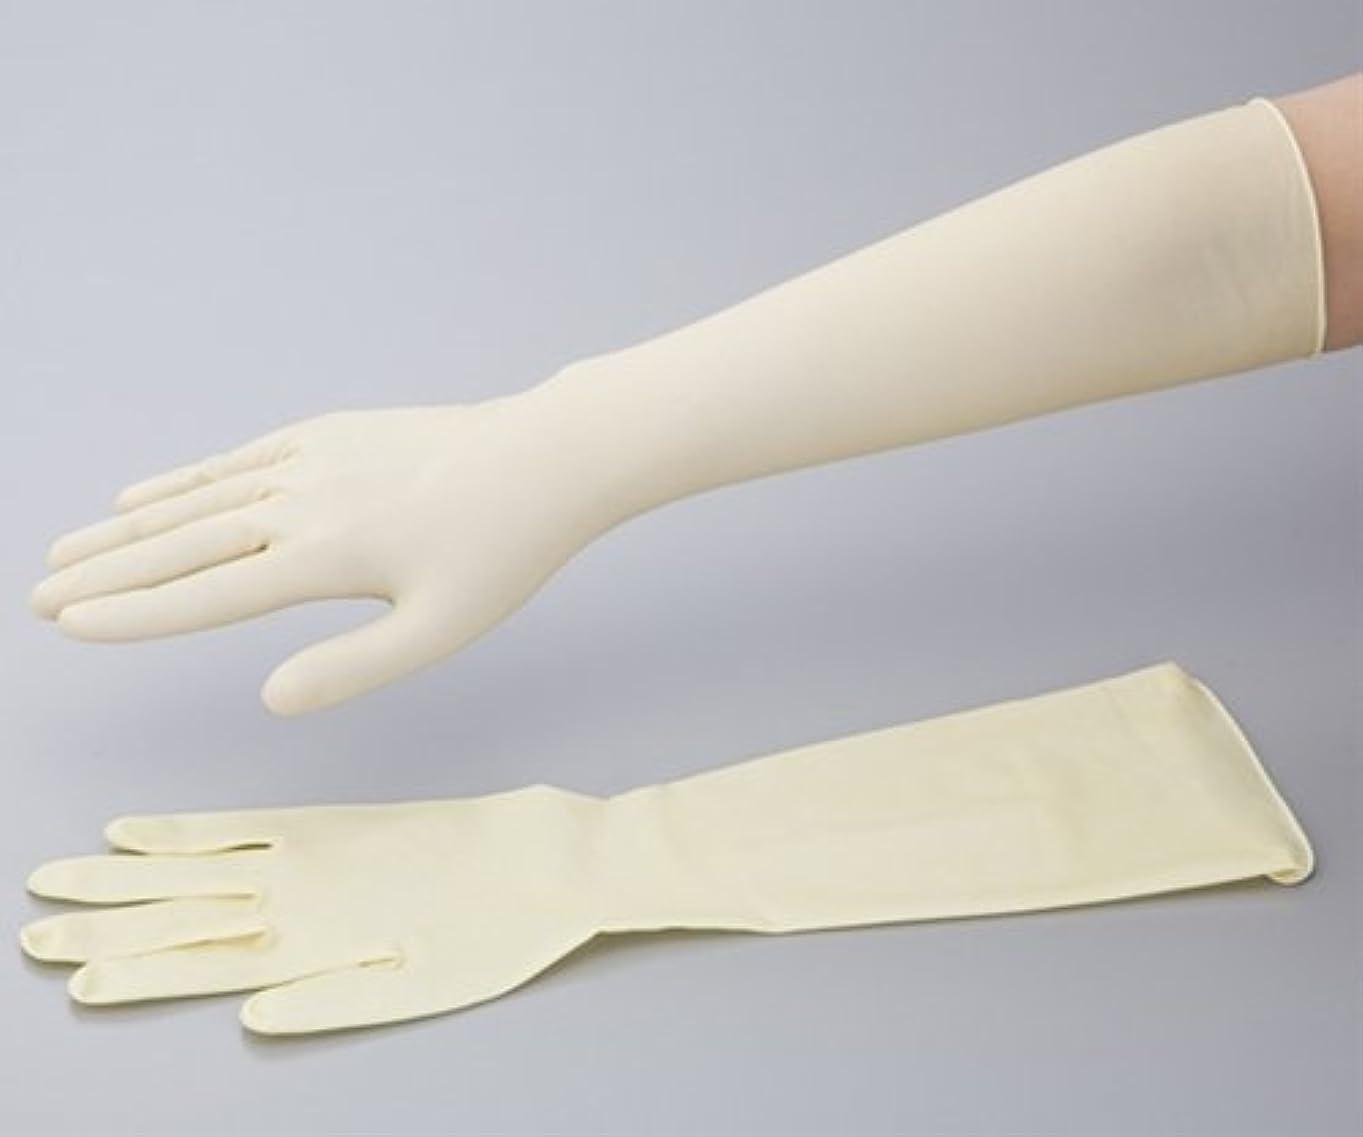 ラテックスロング手袋(スーパーロング)γ線滅菌済 S 50枚入り /0-6111-03